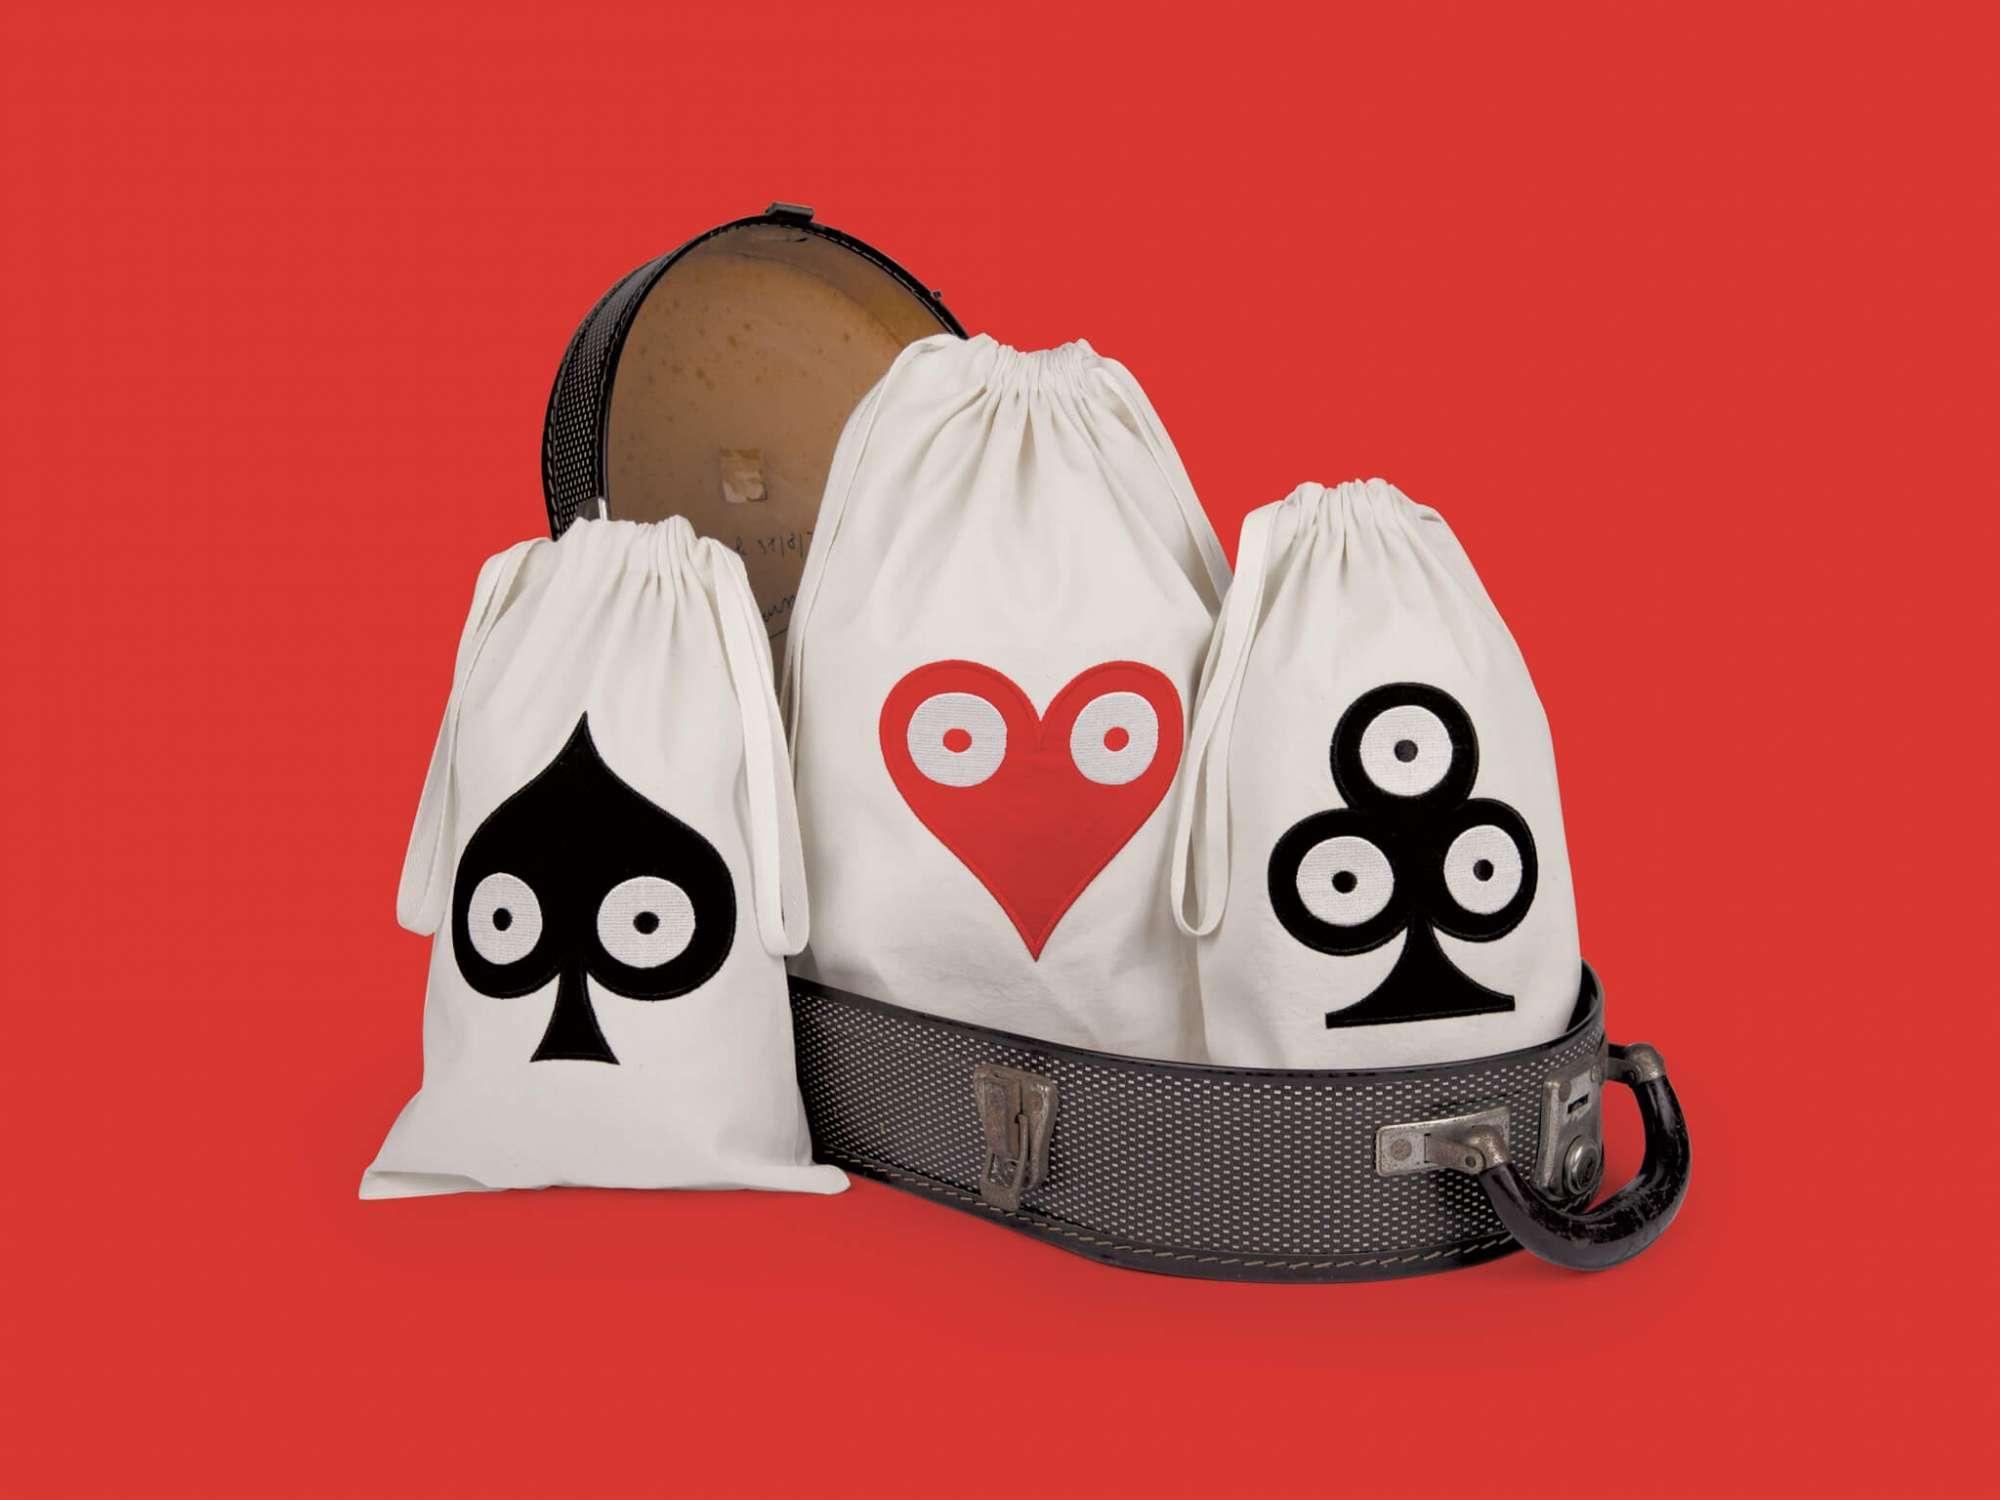 La collection textile pokerface est dessinée par Helena en 2014 pour Bazarthérapy, elle reprend les motifs pokerface.